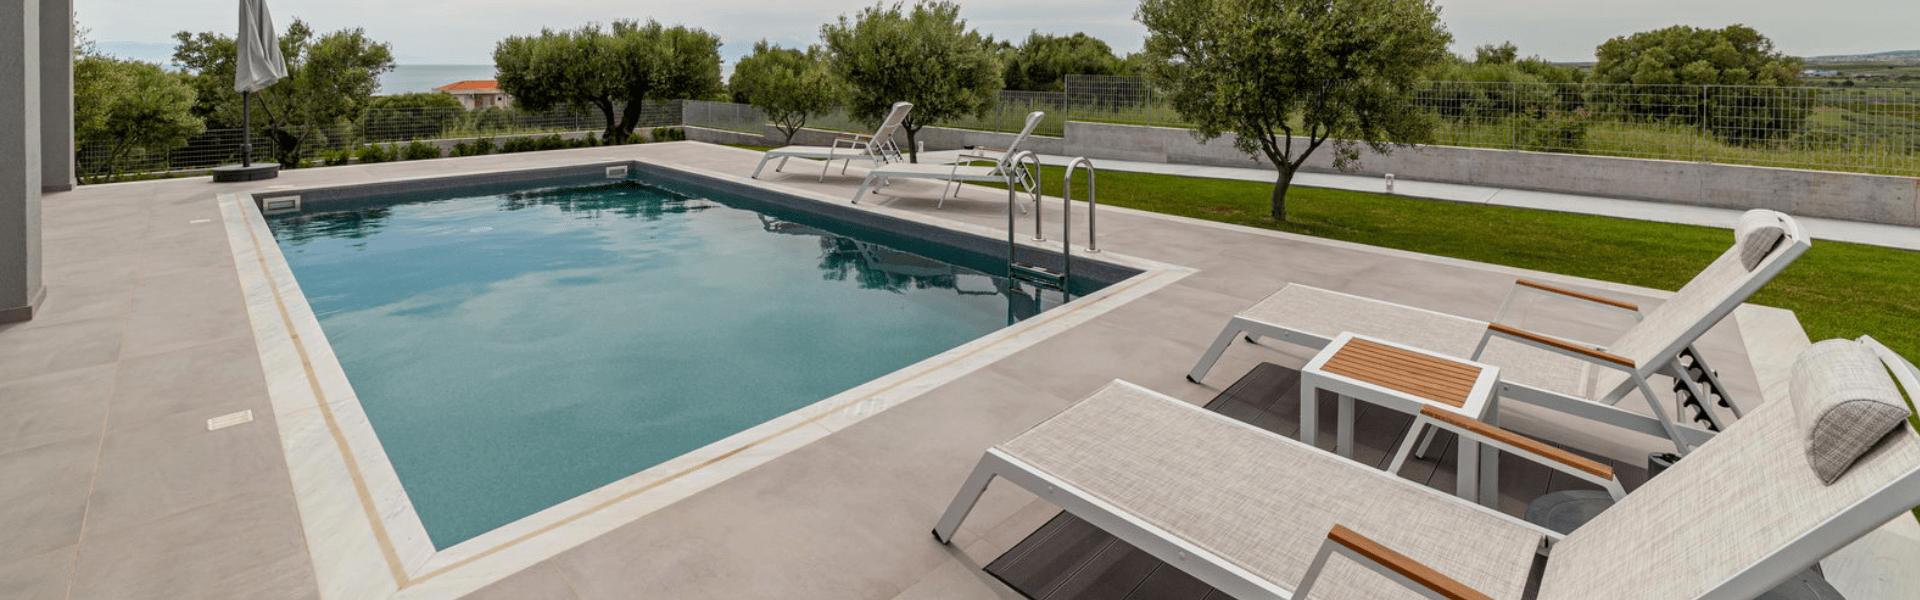 merelia-villas-The pool-01